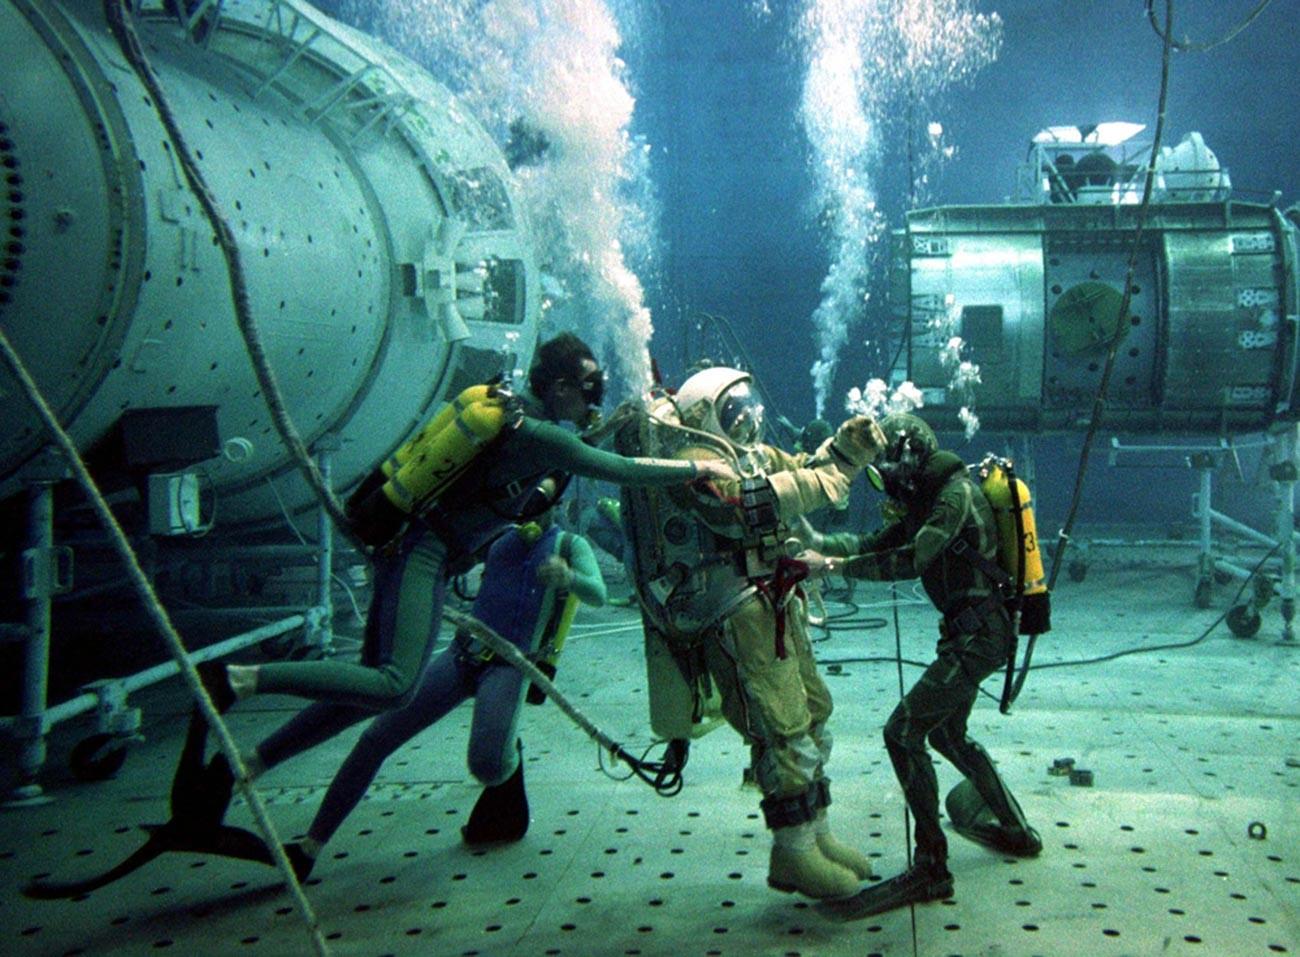 Tests subaquatiques sur une réplique endommagée de la station Mir en juillet 1997